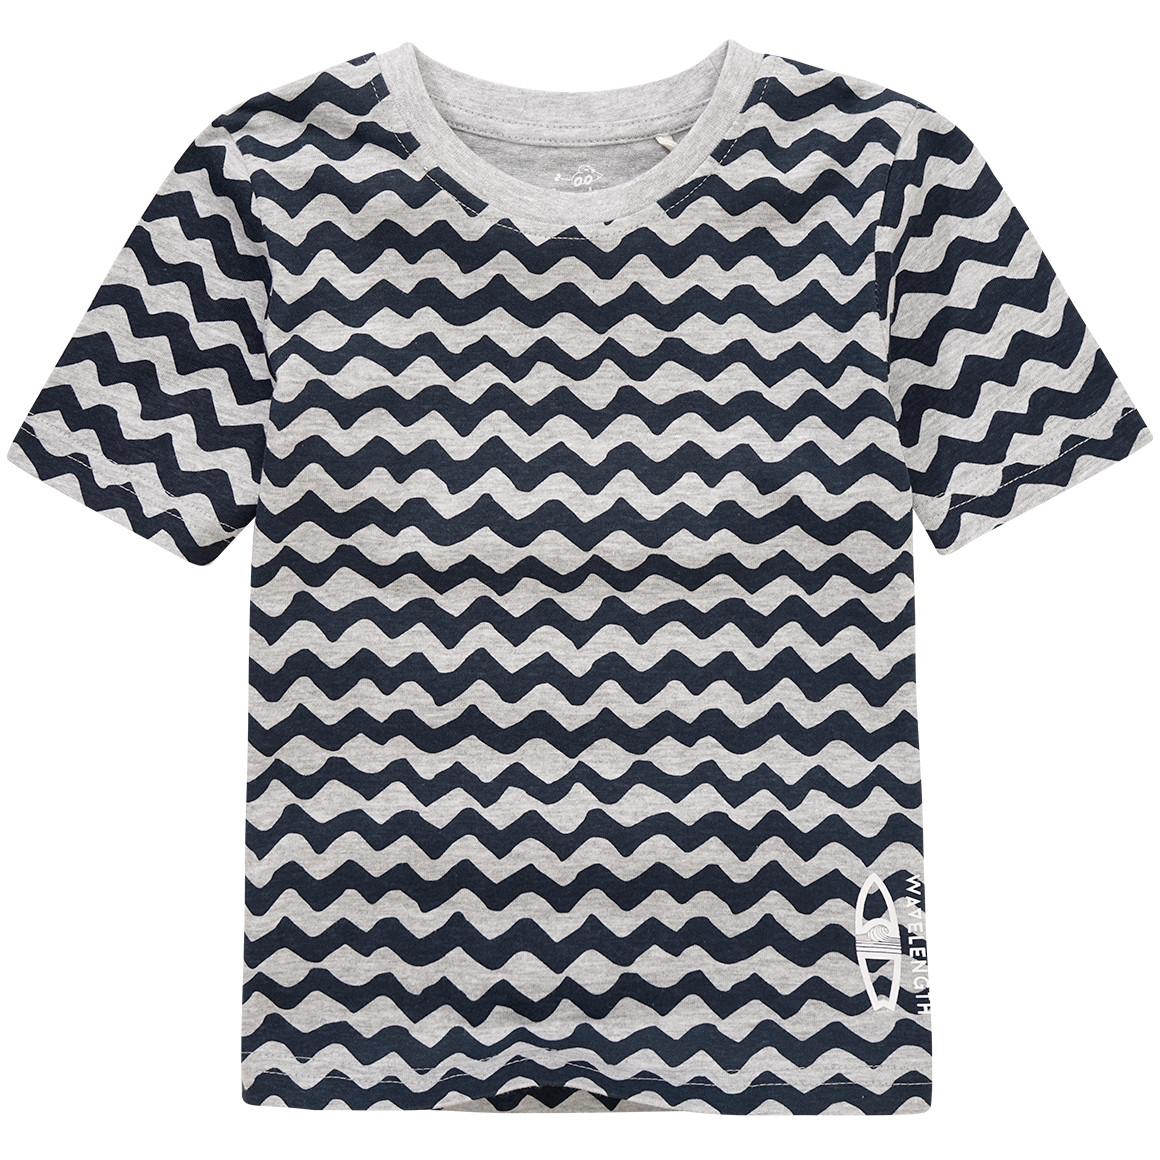 Jungen T-Shirt mit Zacken Muster